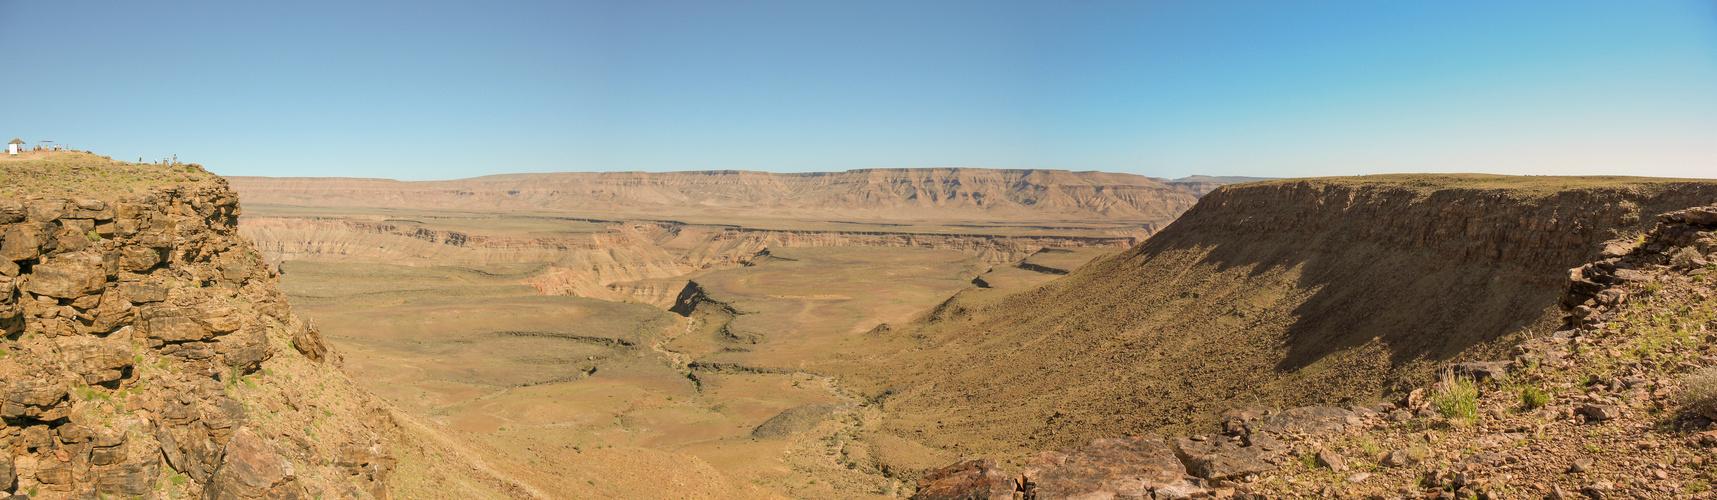 Fish River Canyon im Süden Namibias